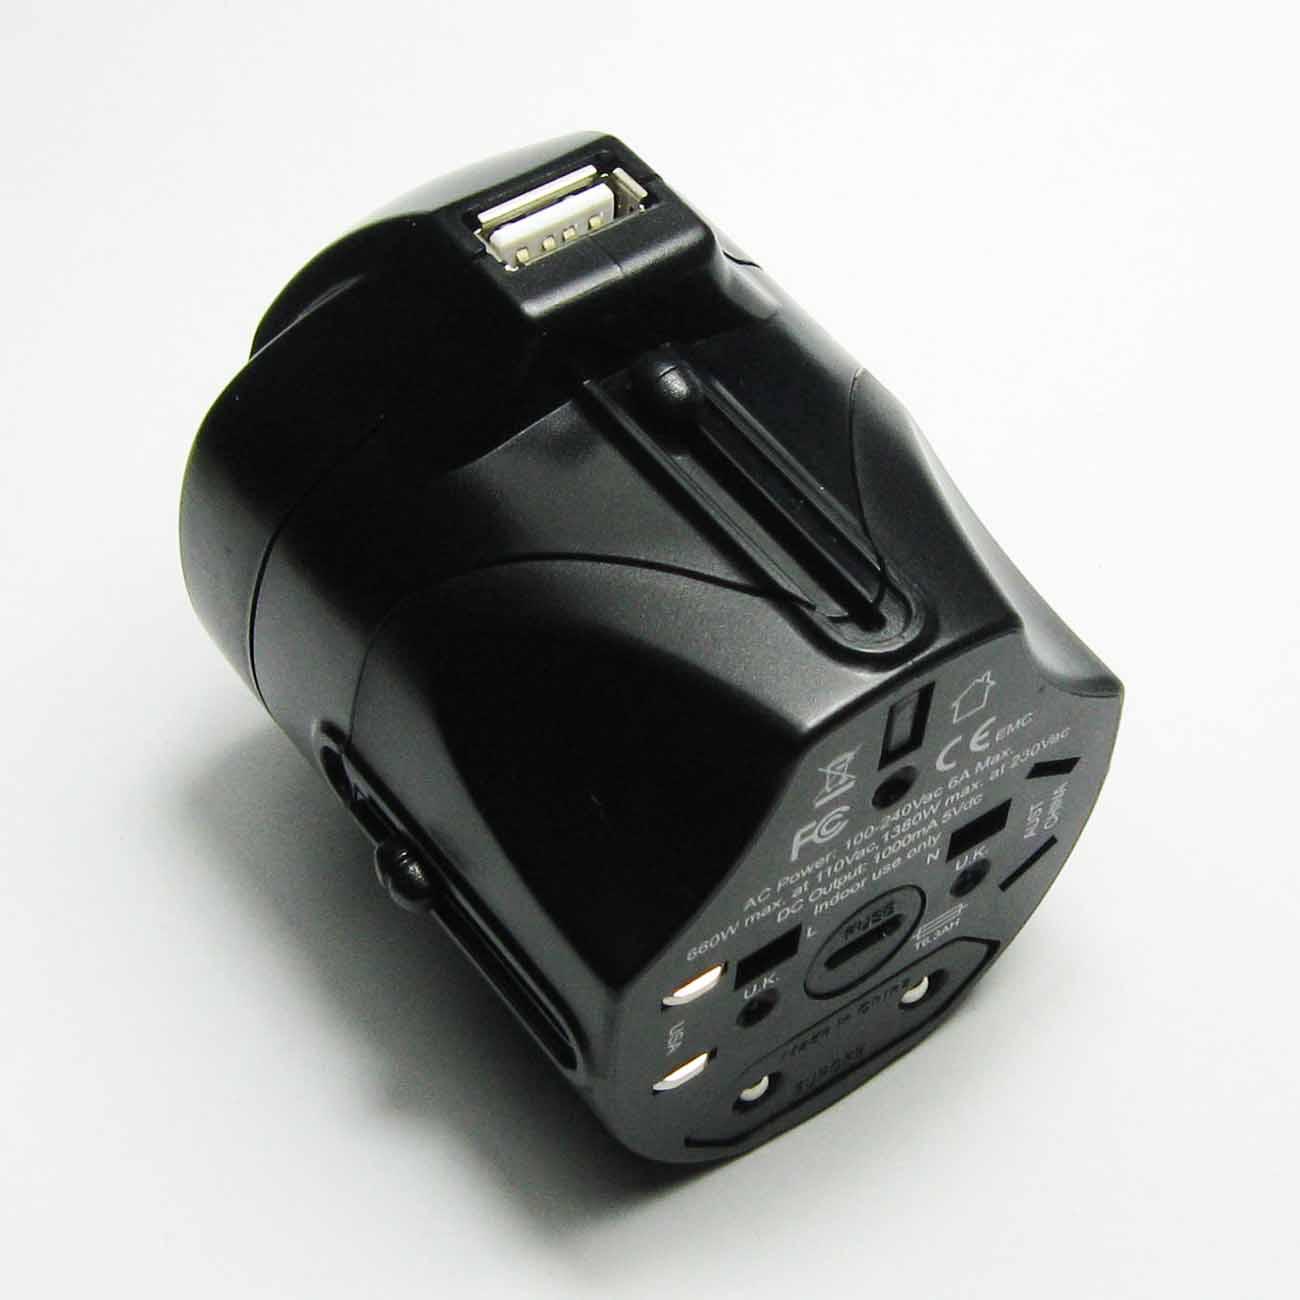 【供应】usb充电器 旅游转换插头 机场酒店礼品 赠品